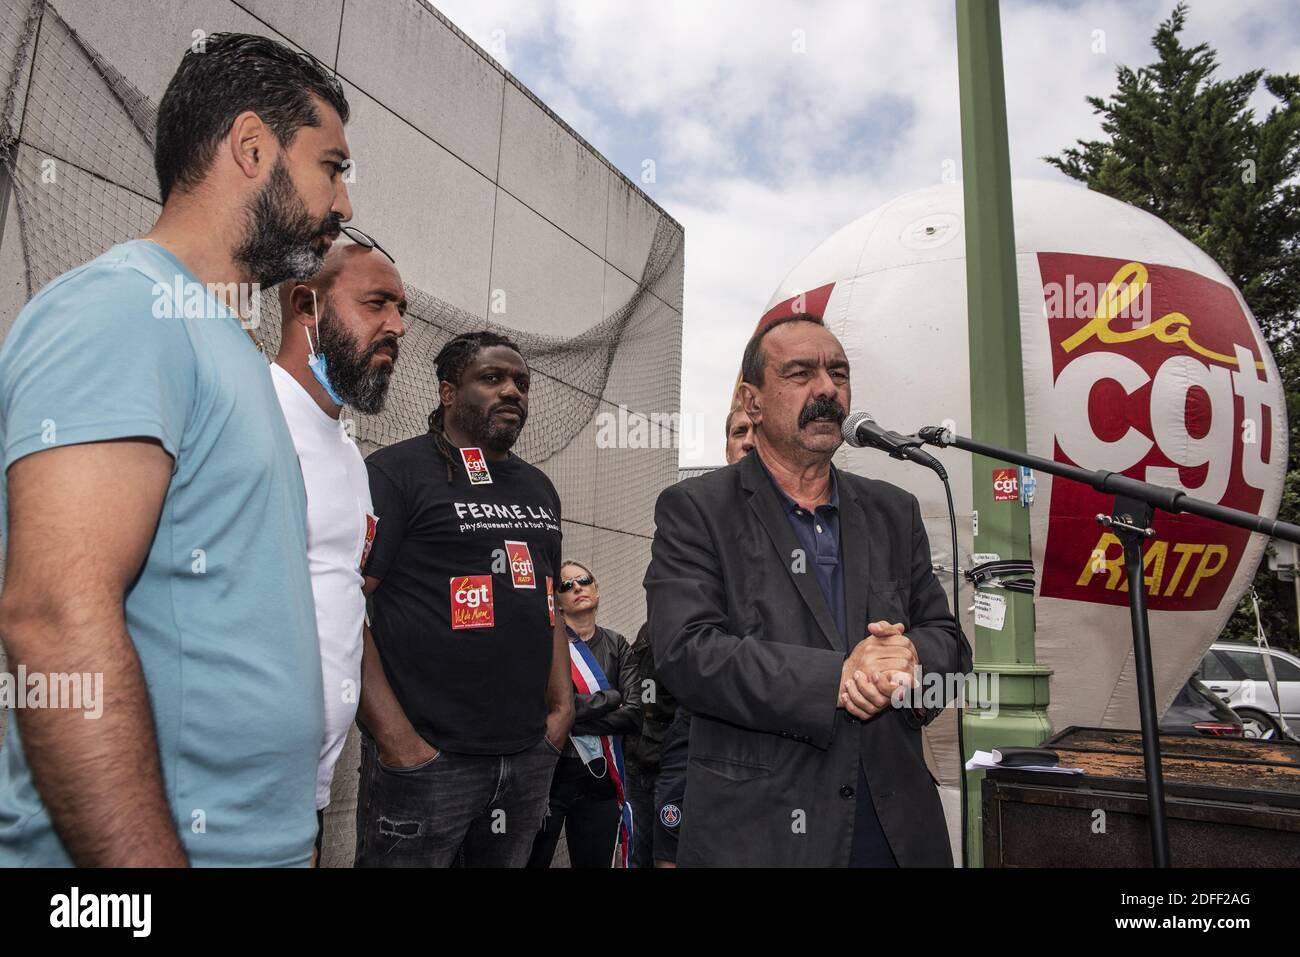 El Secretario General del sindicato francés CGT, Philippe Martinez, llegando a la RATP, para apoyar a un delegado de la CGT de la RATP, amenazado de despido en París, Francia, el 20 de julio de 2020. Foto de Pierrick Villette/Avenir Pictures/ABACAPRESS.COM Foto de stock